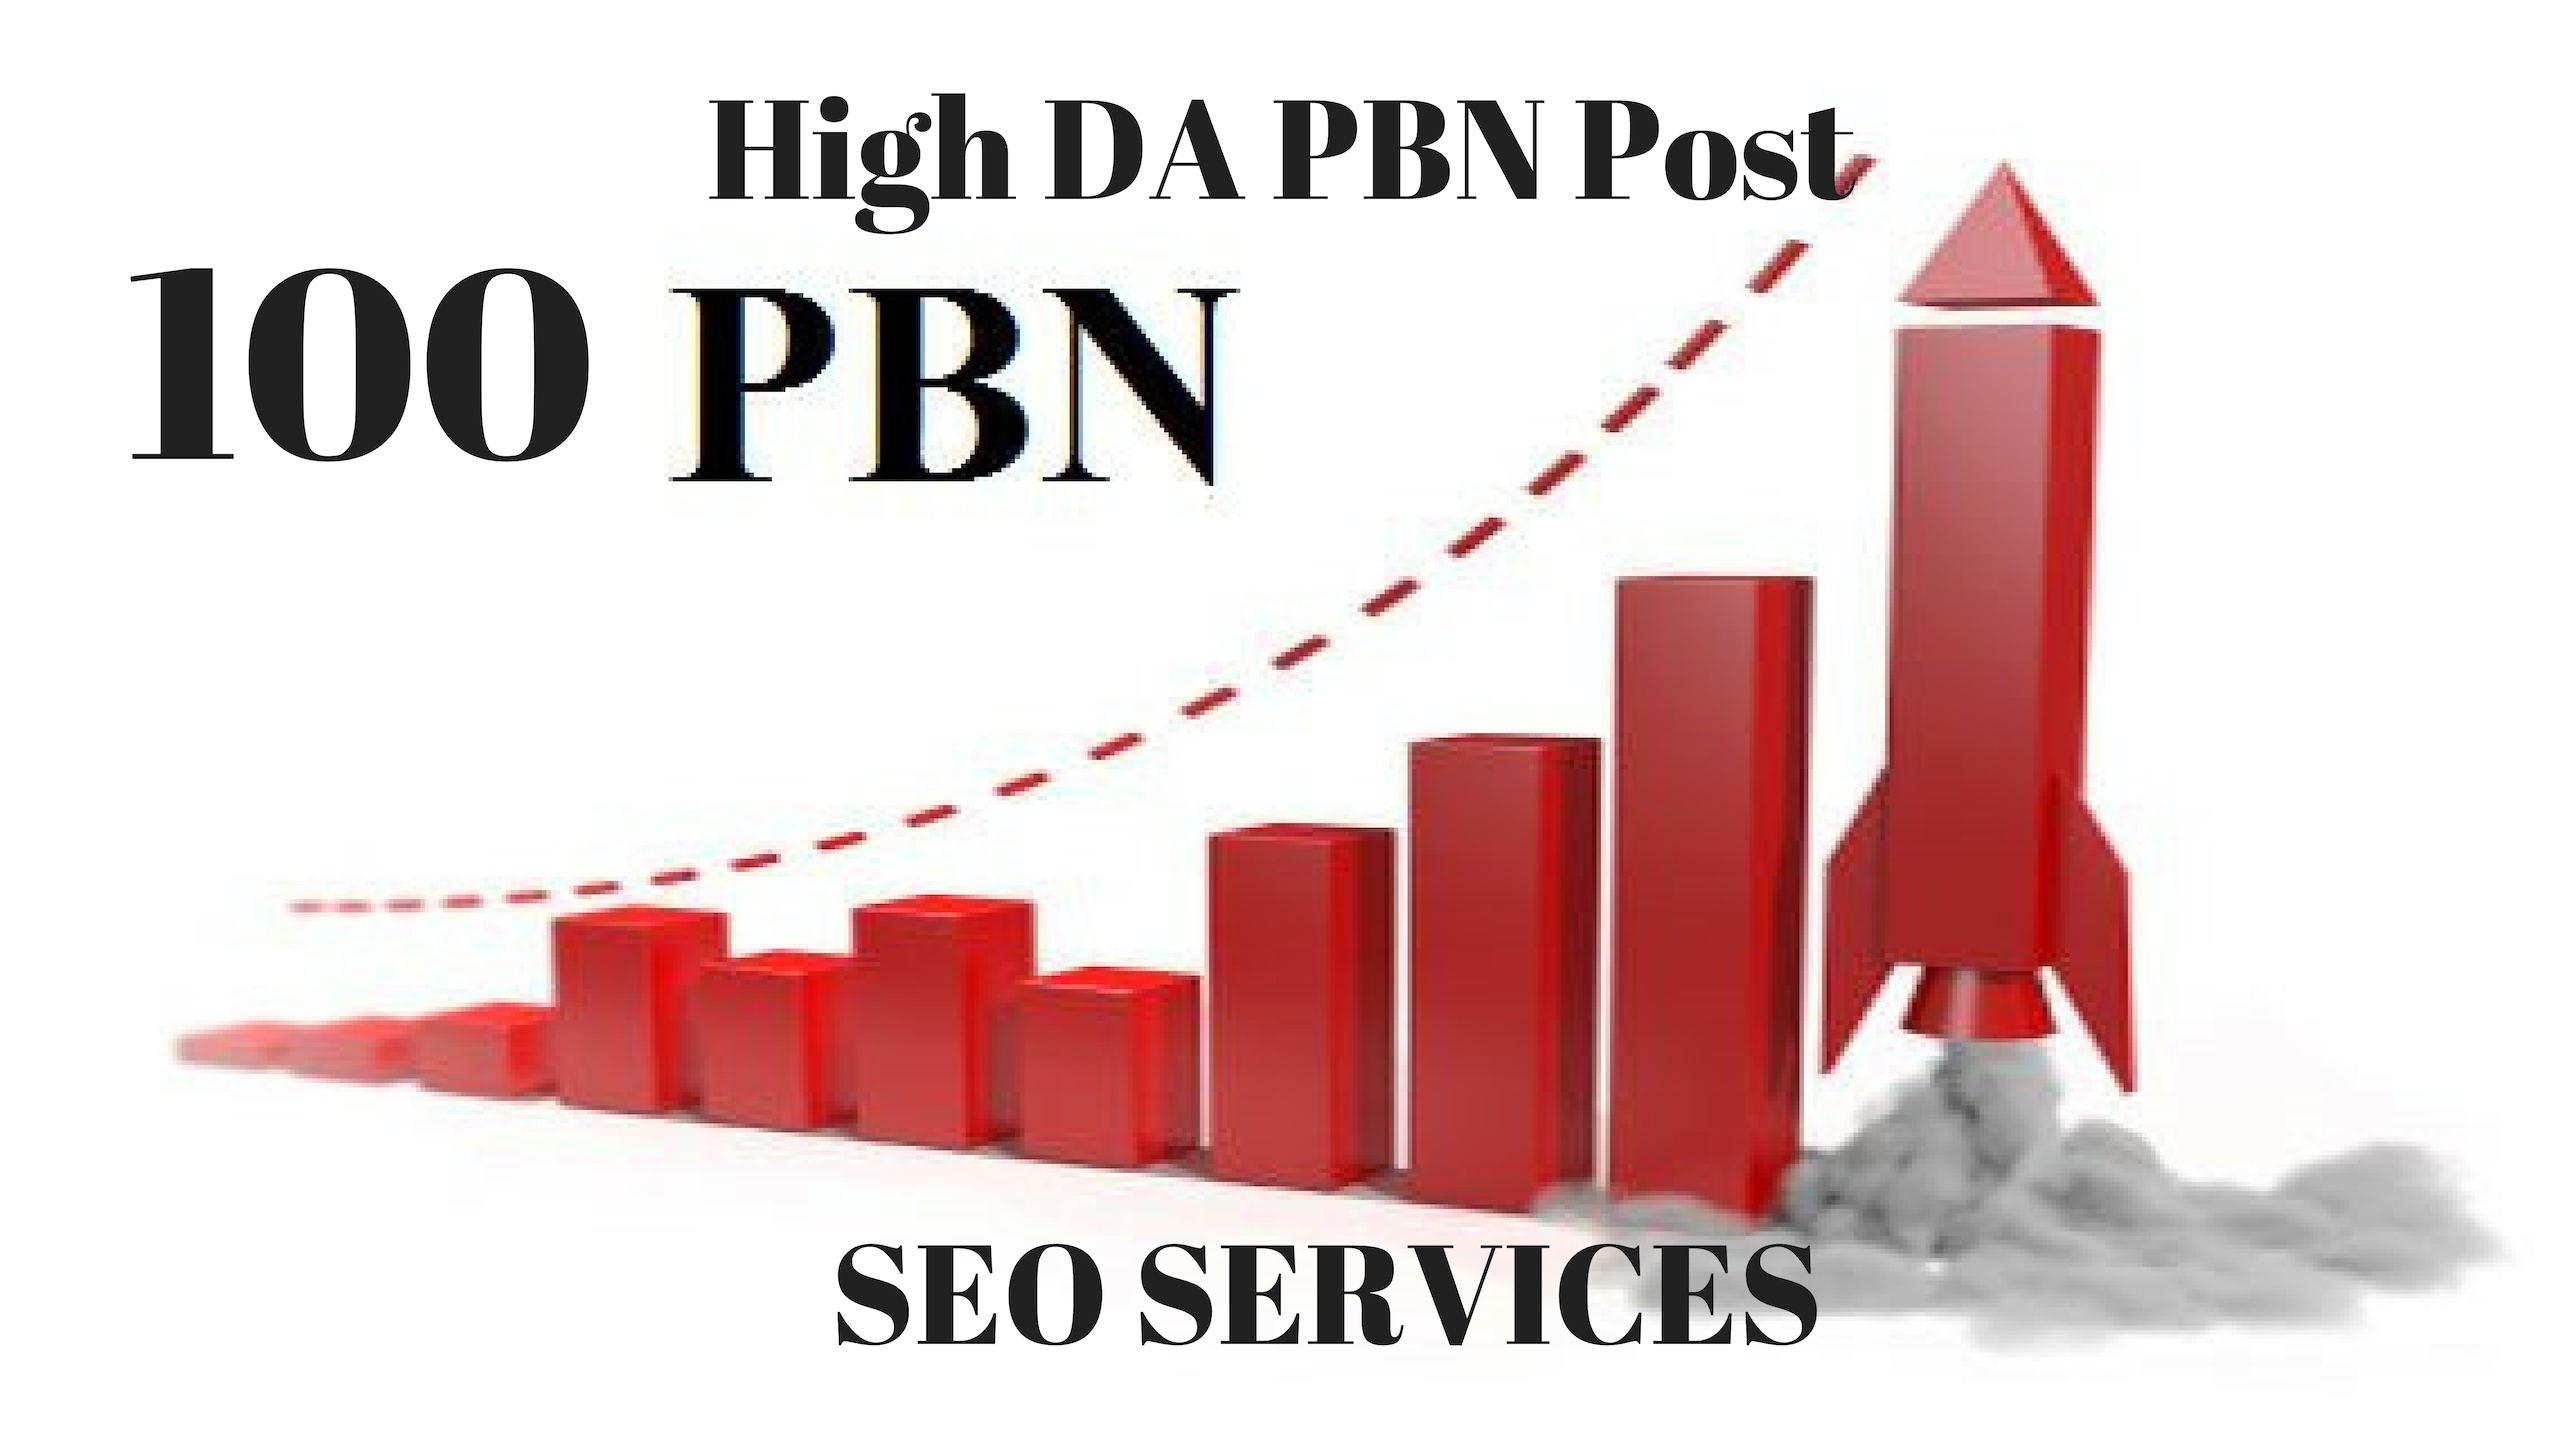 High Da 100 Pbn Post Backlinks